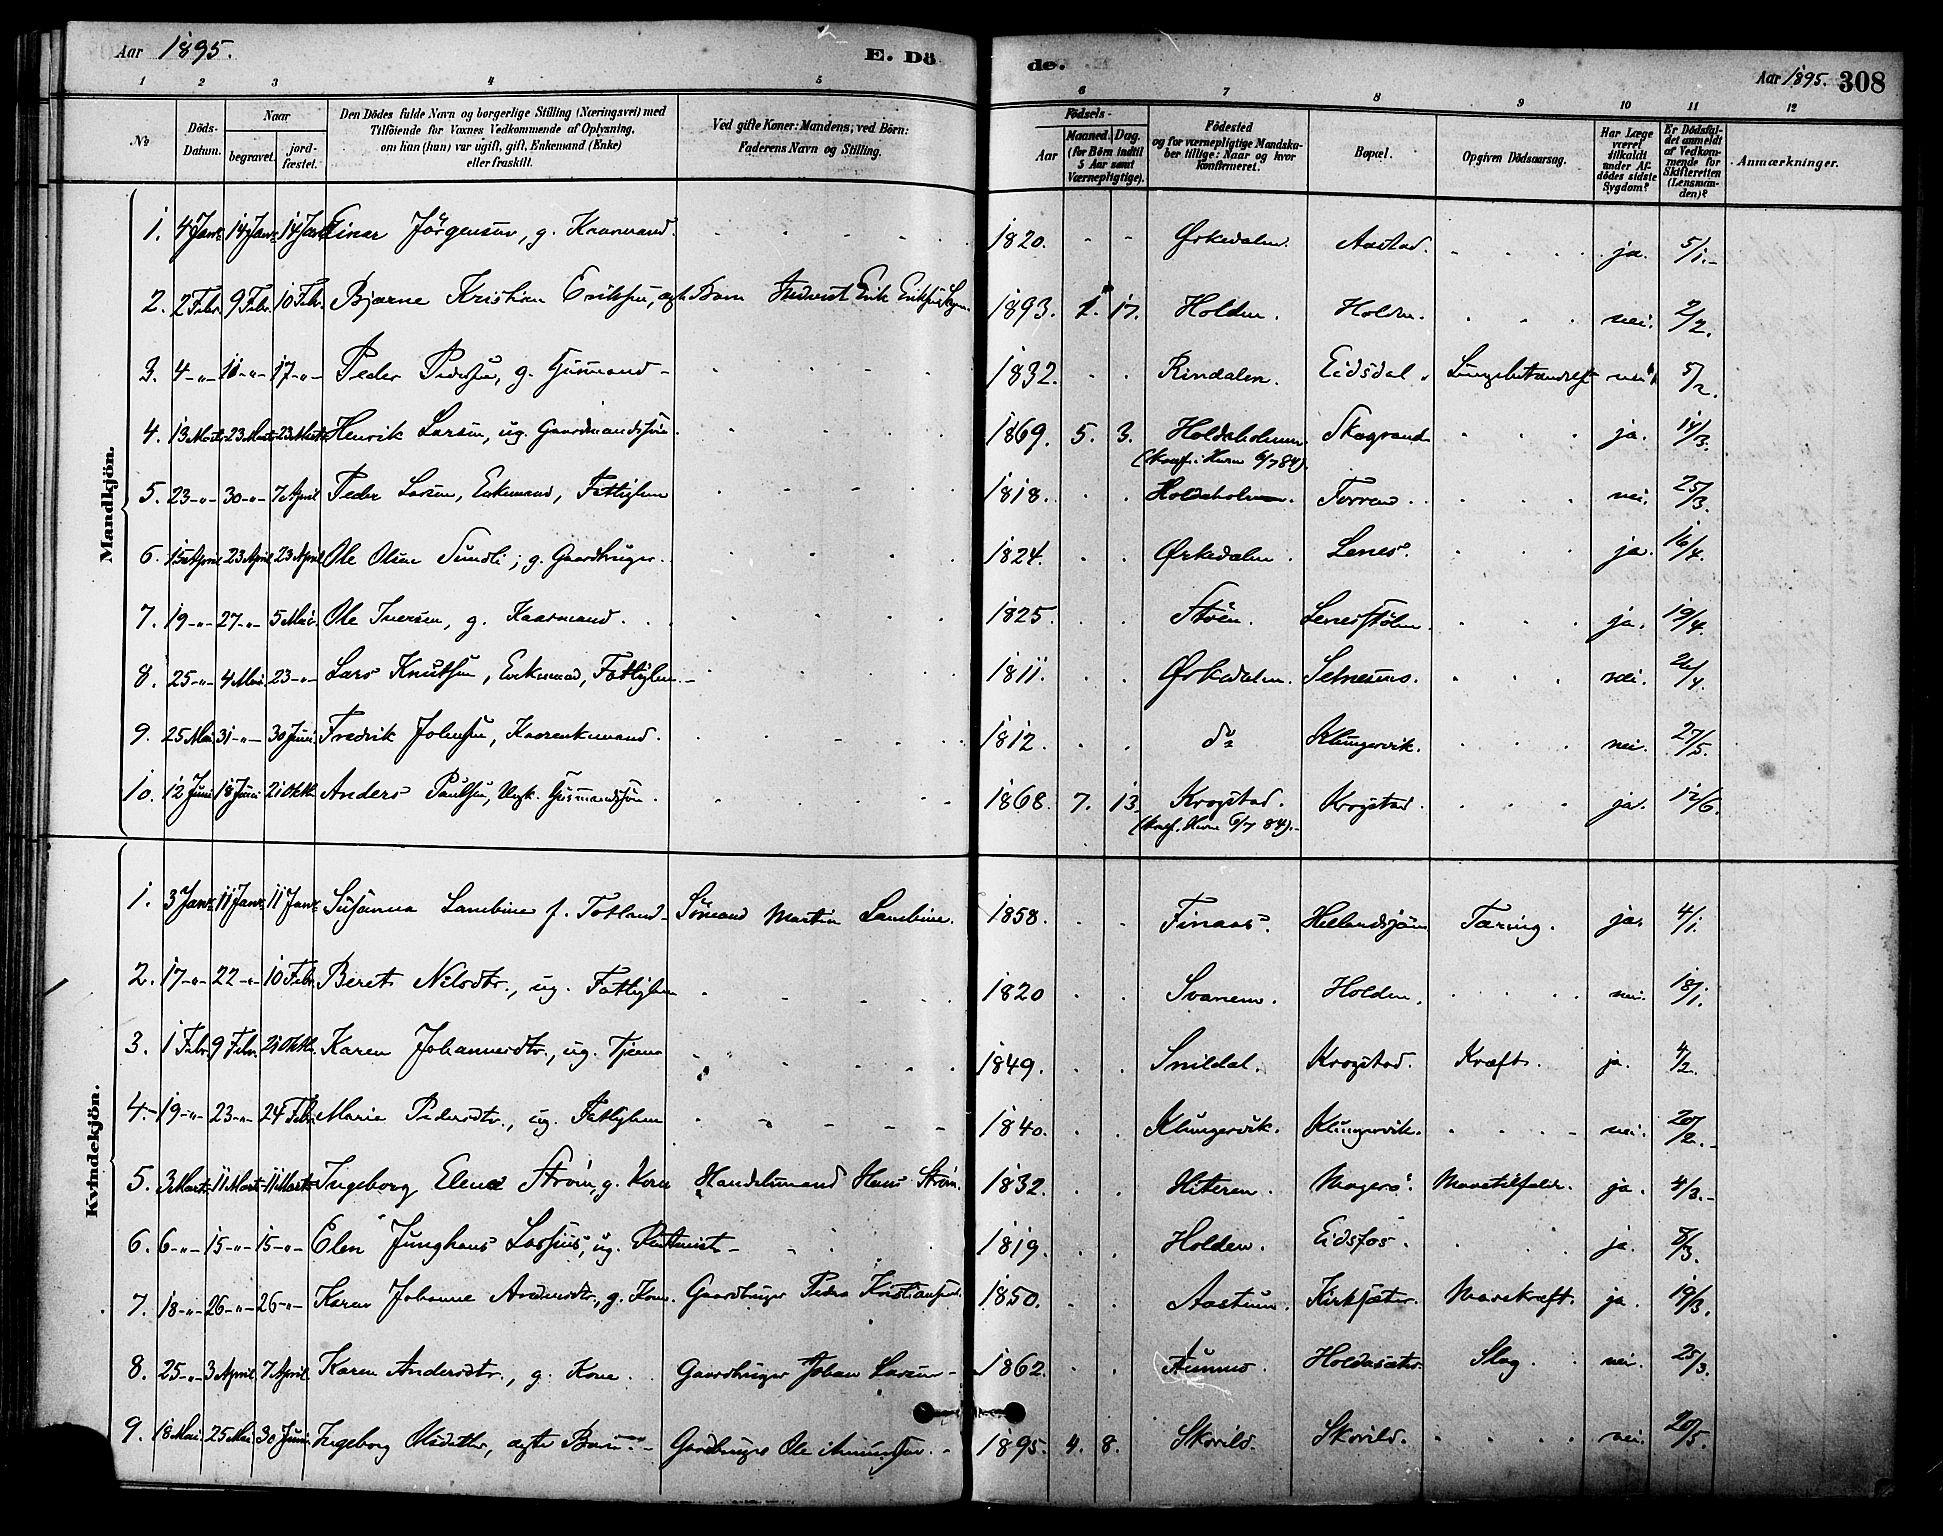 SAT, Ministerialprotokoller, klokkerbøker og fødselsregistre - Sør-Trøndelag, 630/L0496: Ministerialbok nr. 630A09, 1879-1895, s. 308